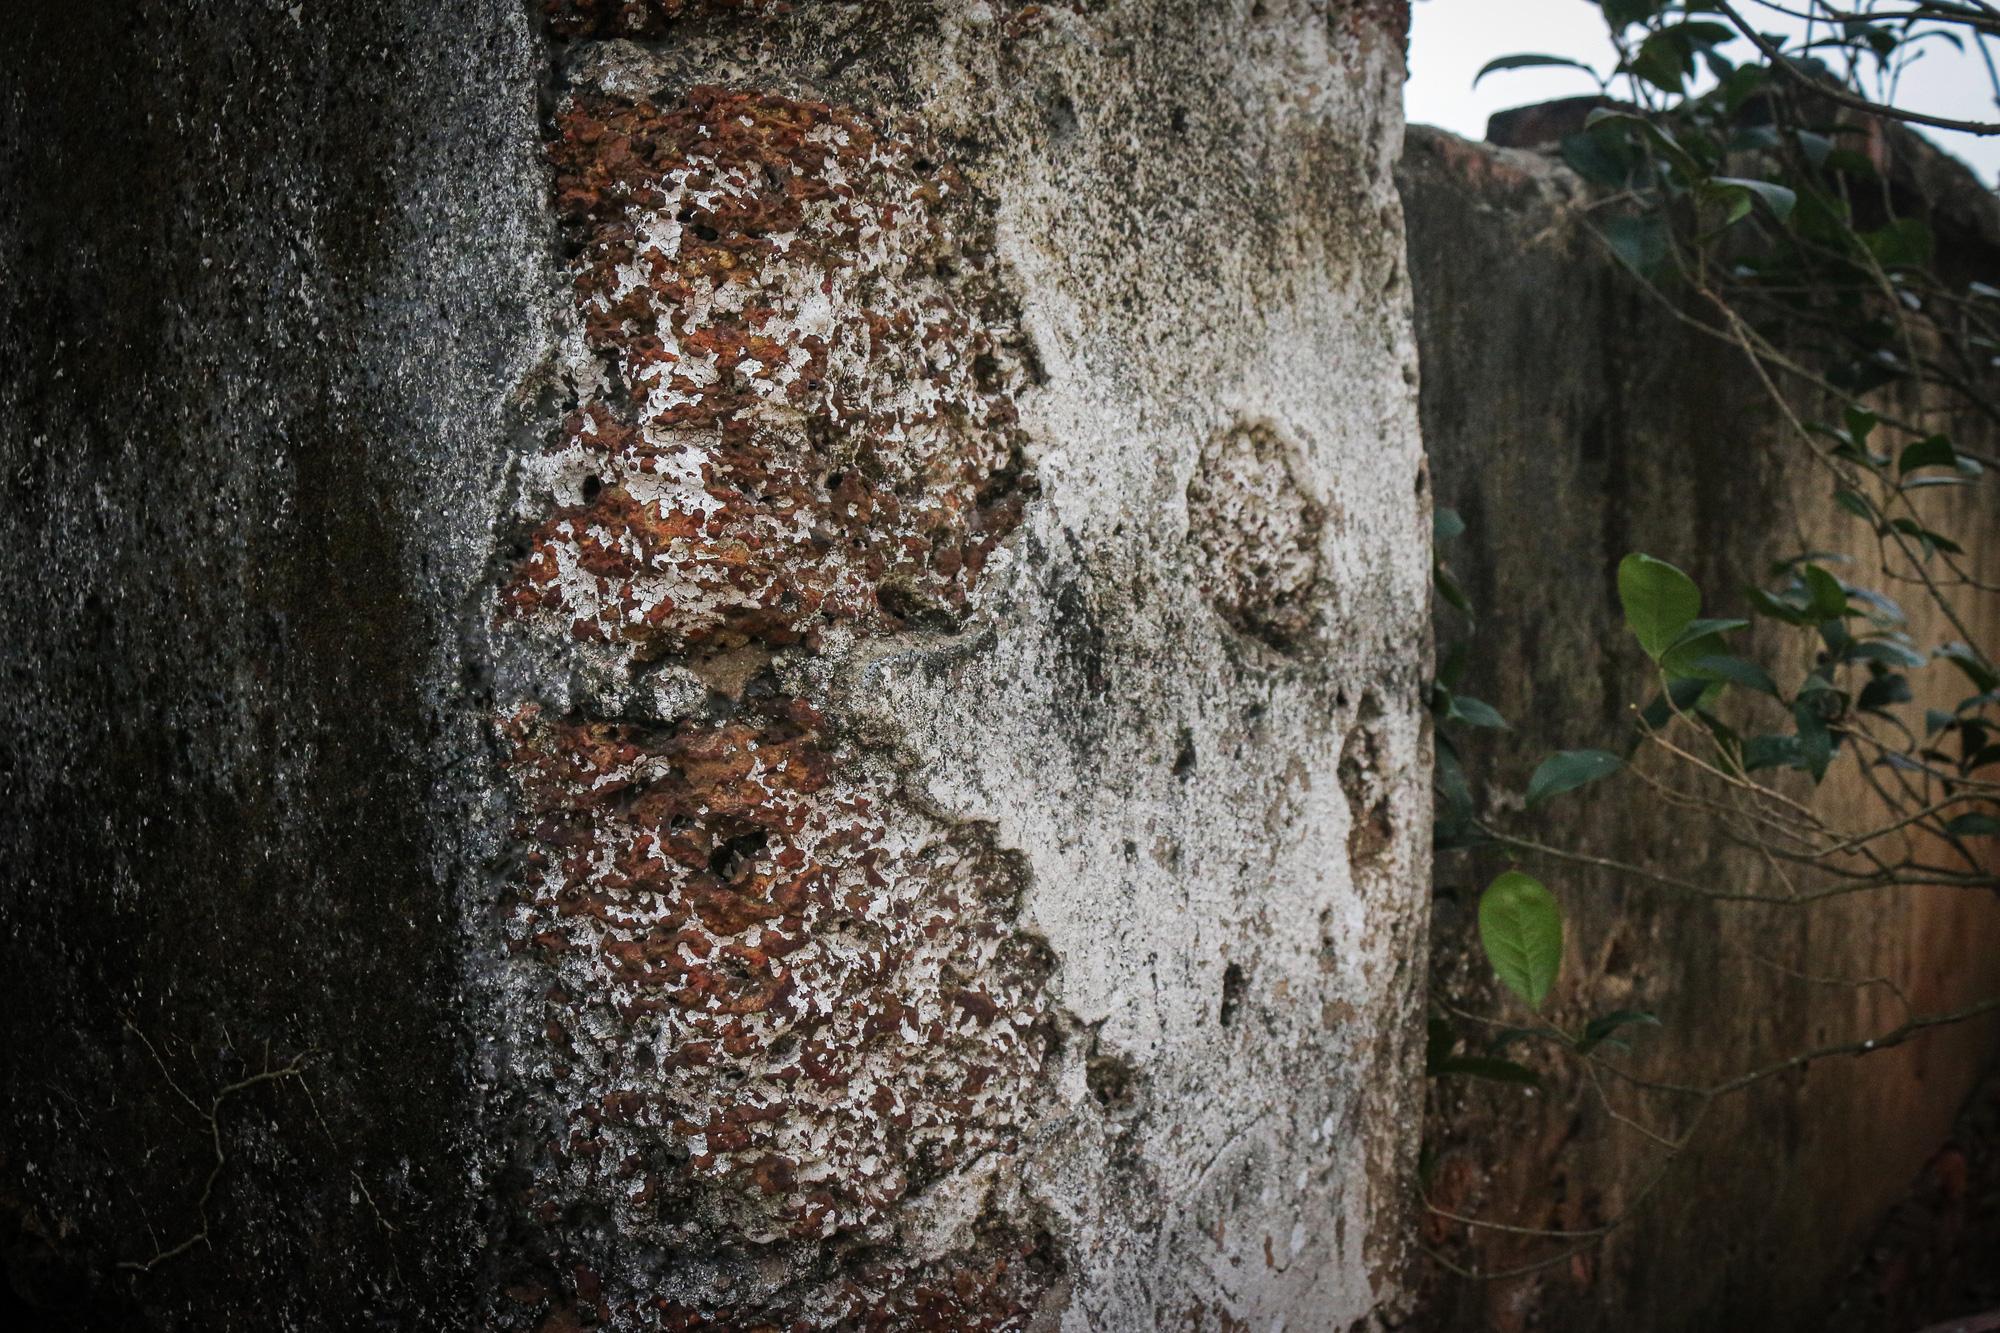 Đền đá Phú Đa: Nét kiến trúc độc đáo tồn tại hơn 300 năm lịch sử - Ảnh 9.